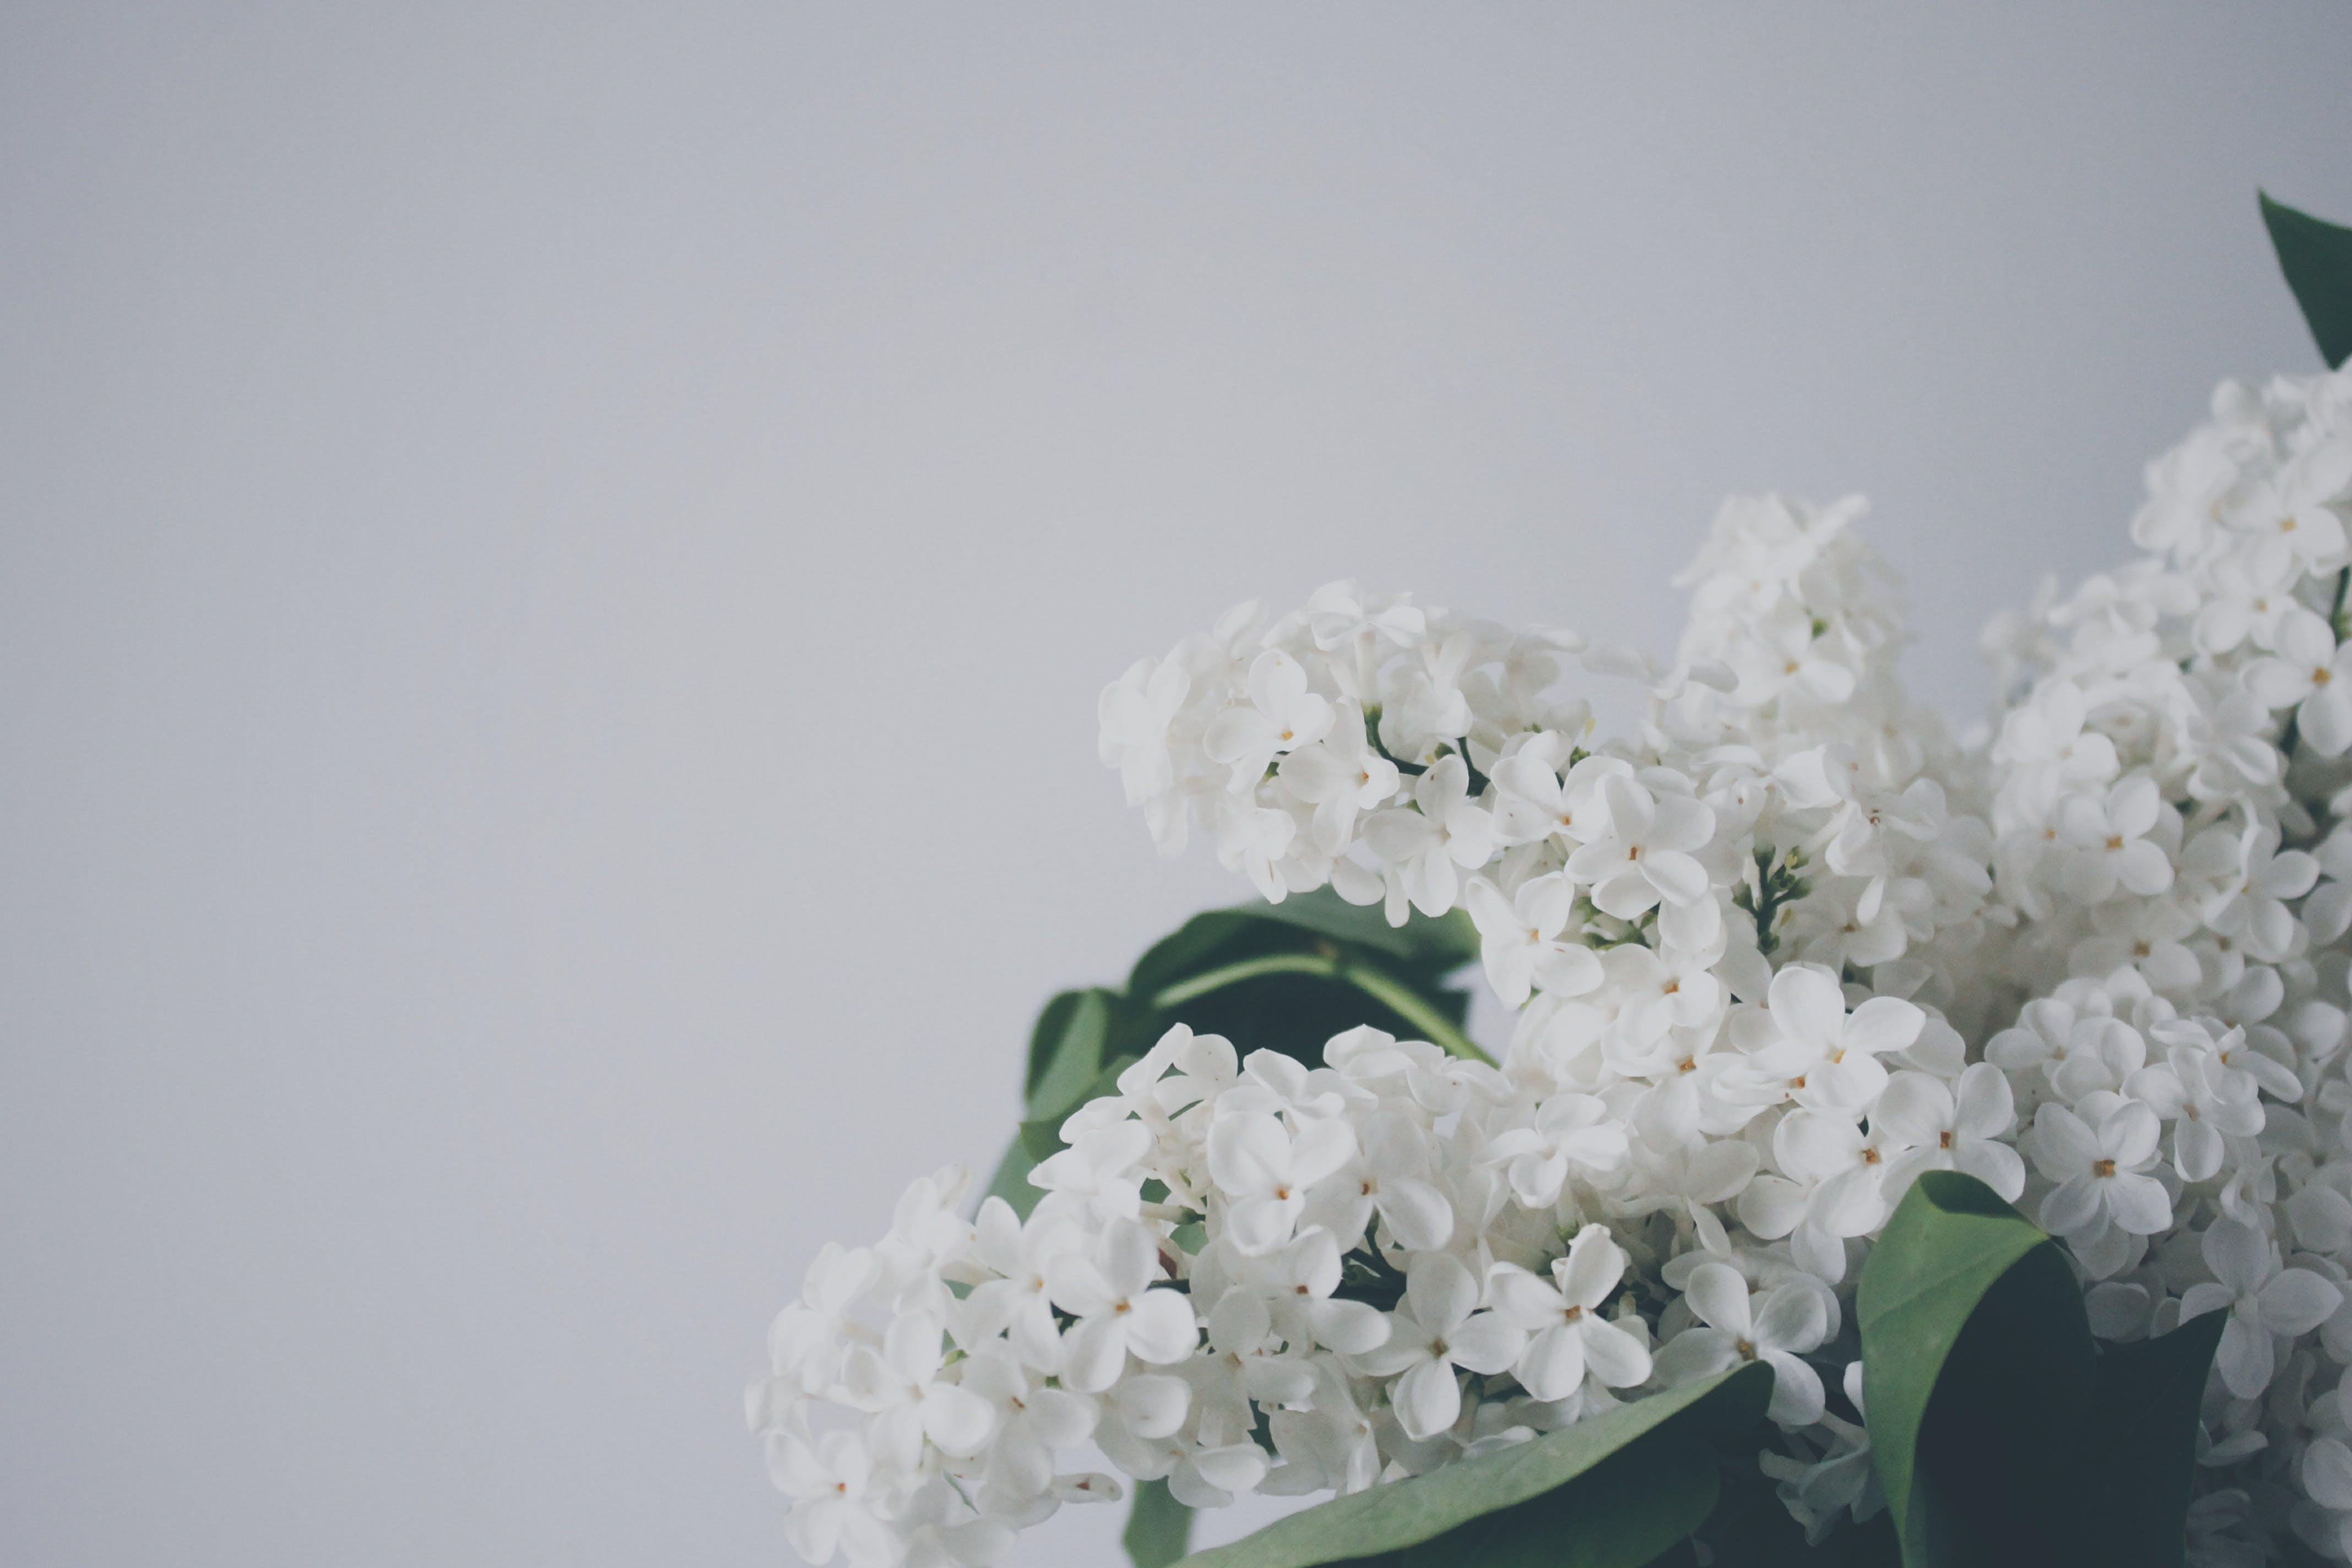 Free stock photo of garden, plant, spring, white